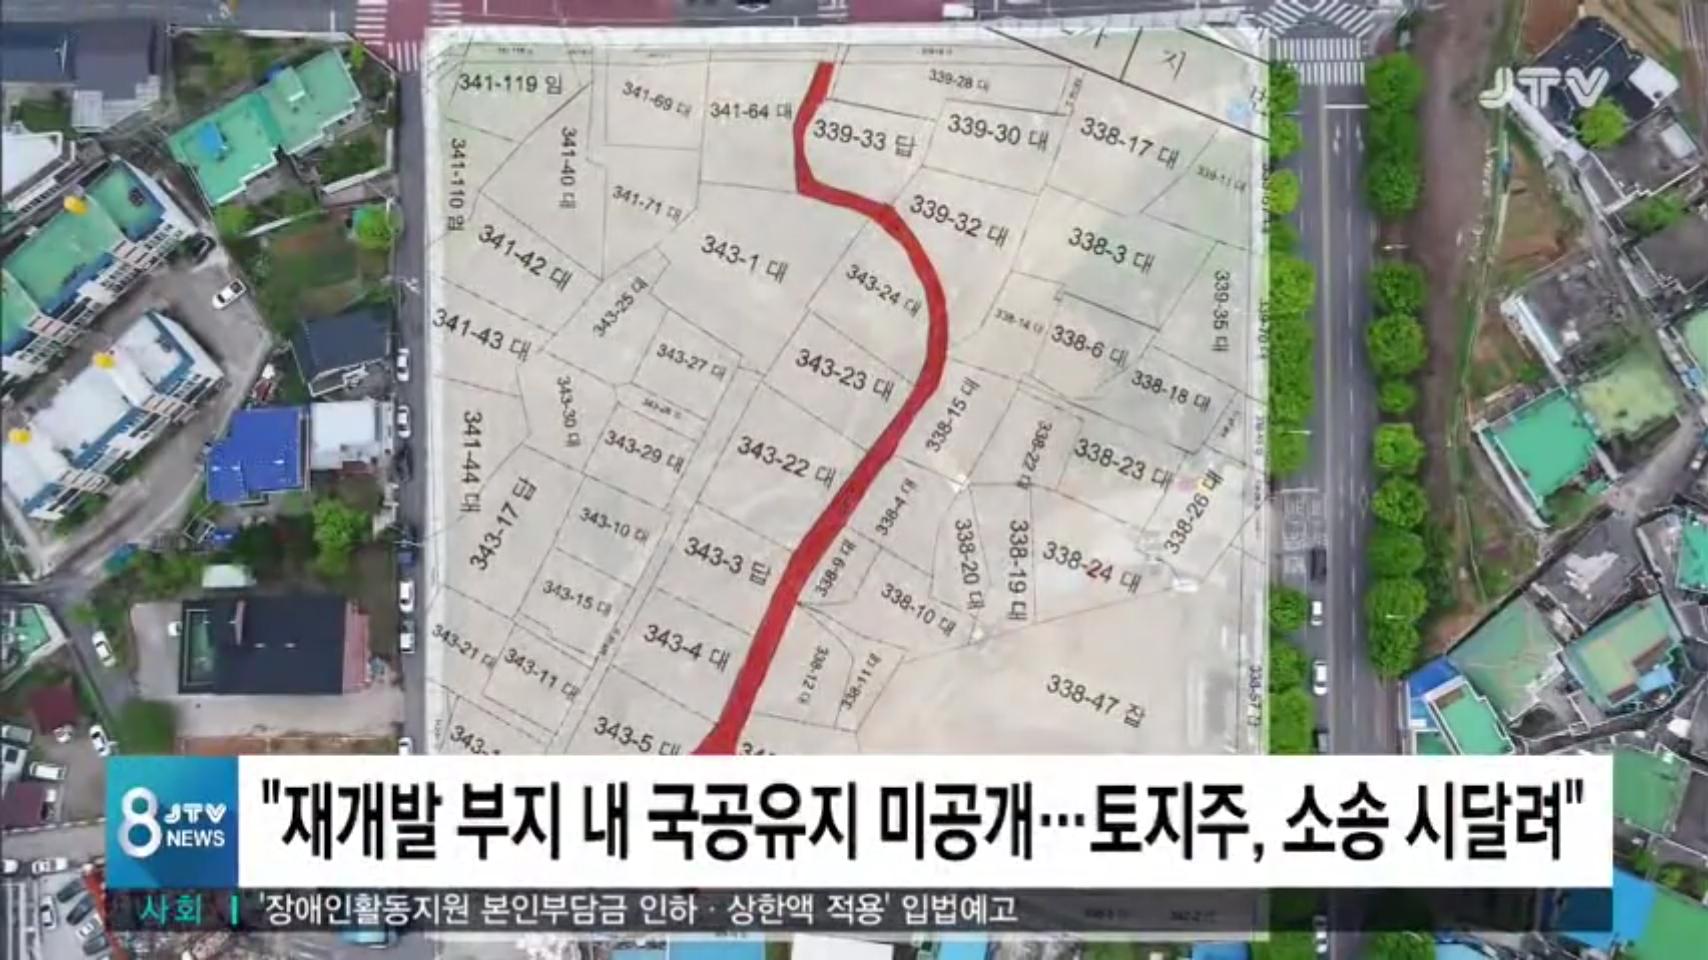 [19.4.26 JTV] 전주시 비공개 불투명 건축행정이 시민권리 피해 키워3.png